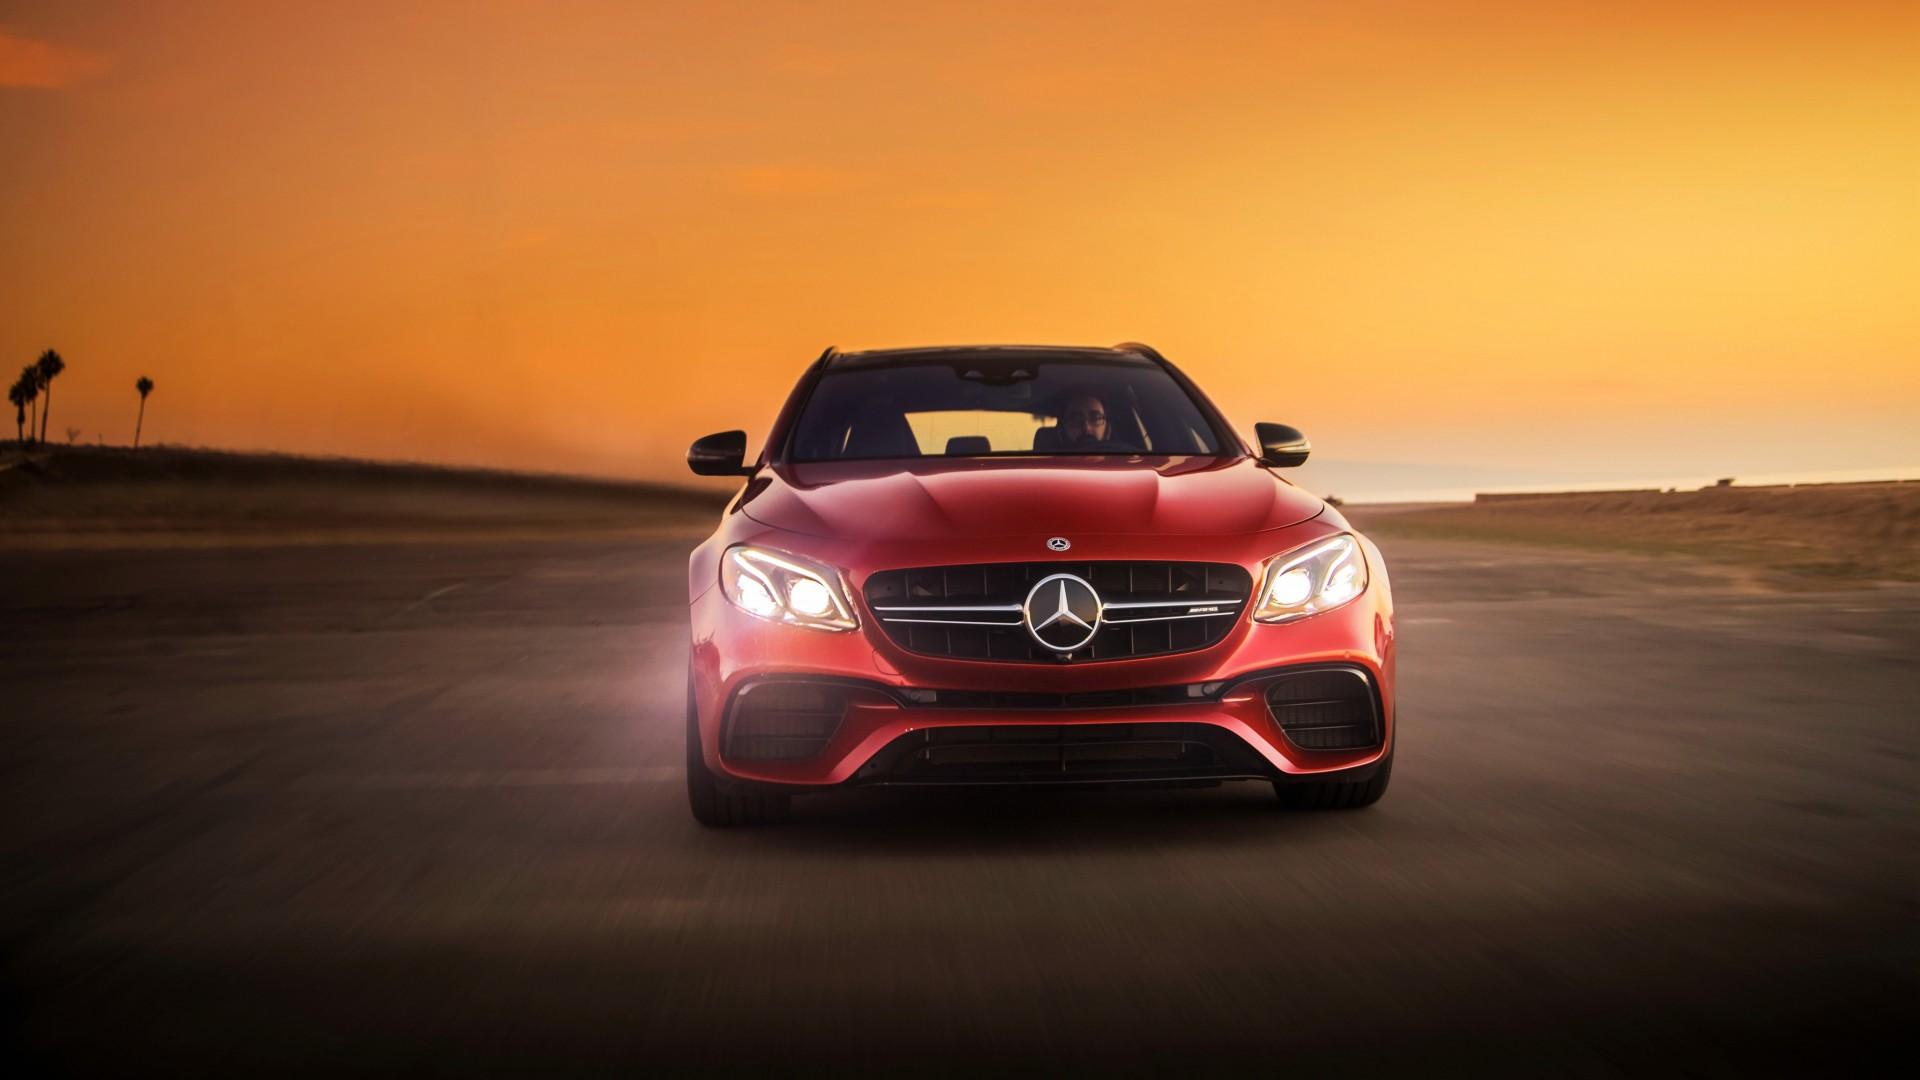 2018 Mercedes AMG E63 S 4MATIC Estate 4K Wallpaper HD